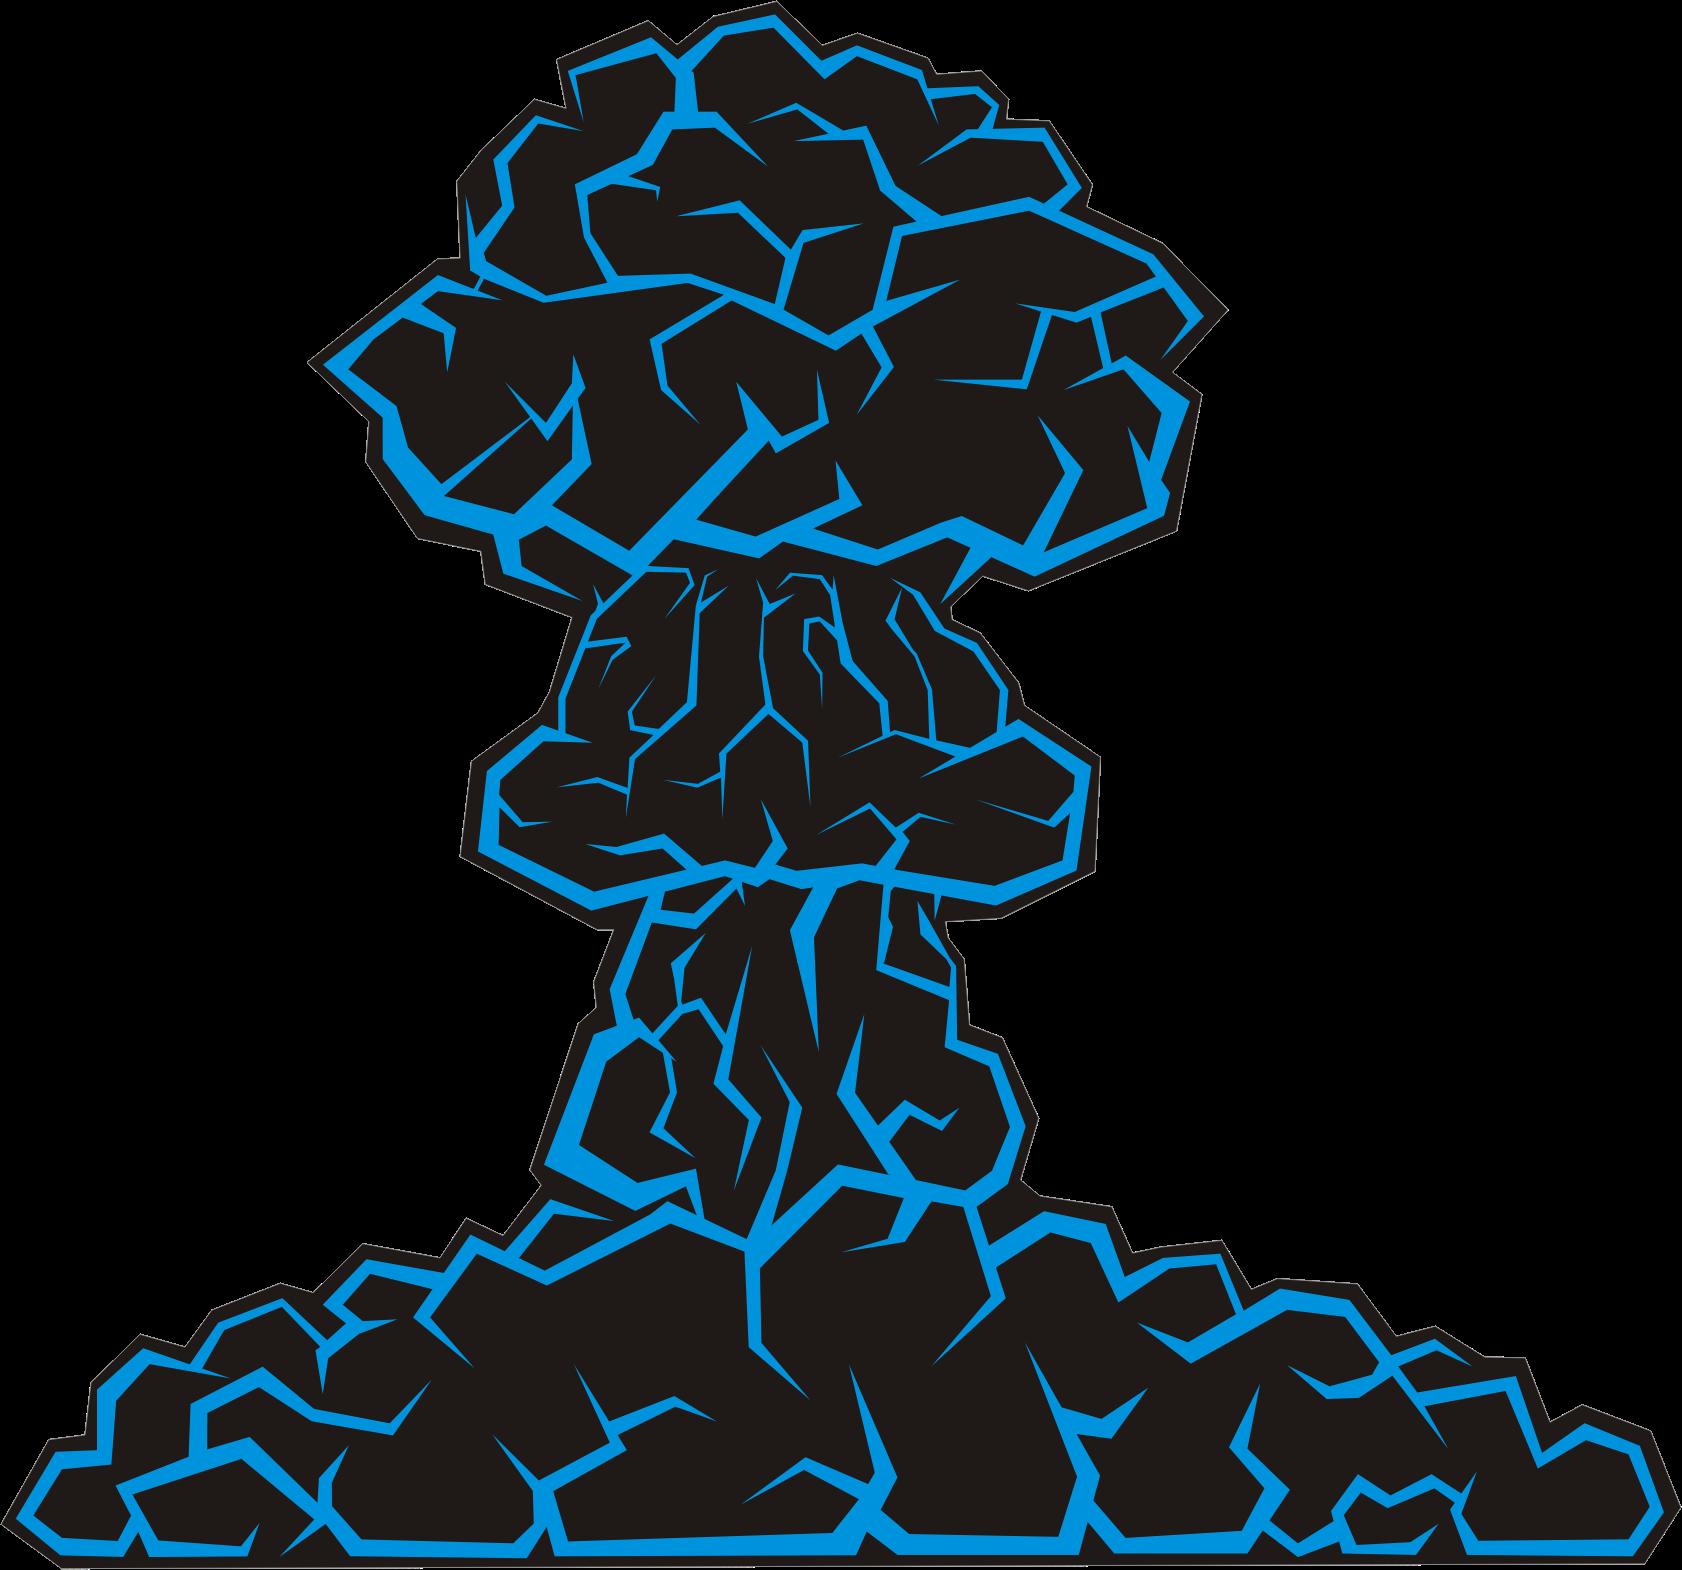 Big image png. Mushroom clipart cloud